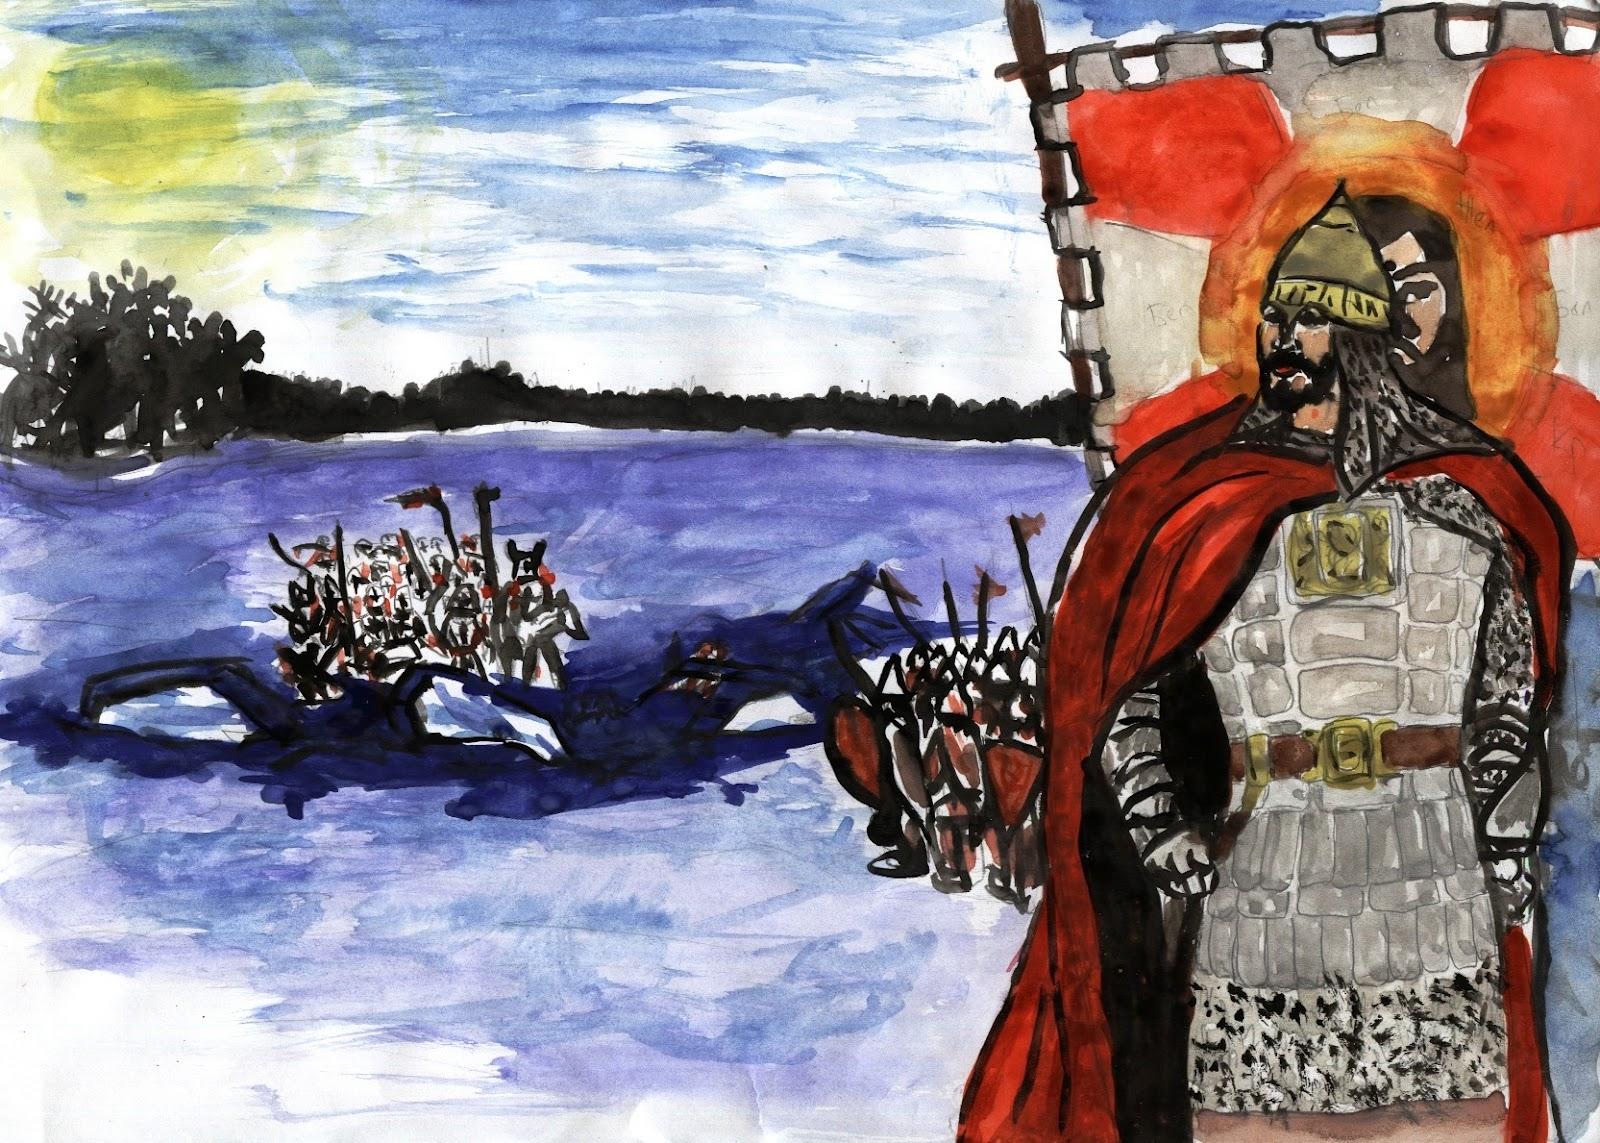 770 лет назад 5 апреля 1242 года князь александр невский на чудском озере у вороньего камня победил